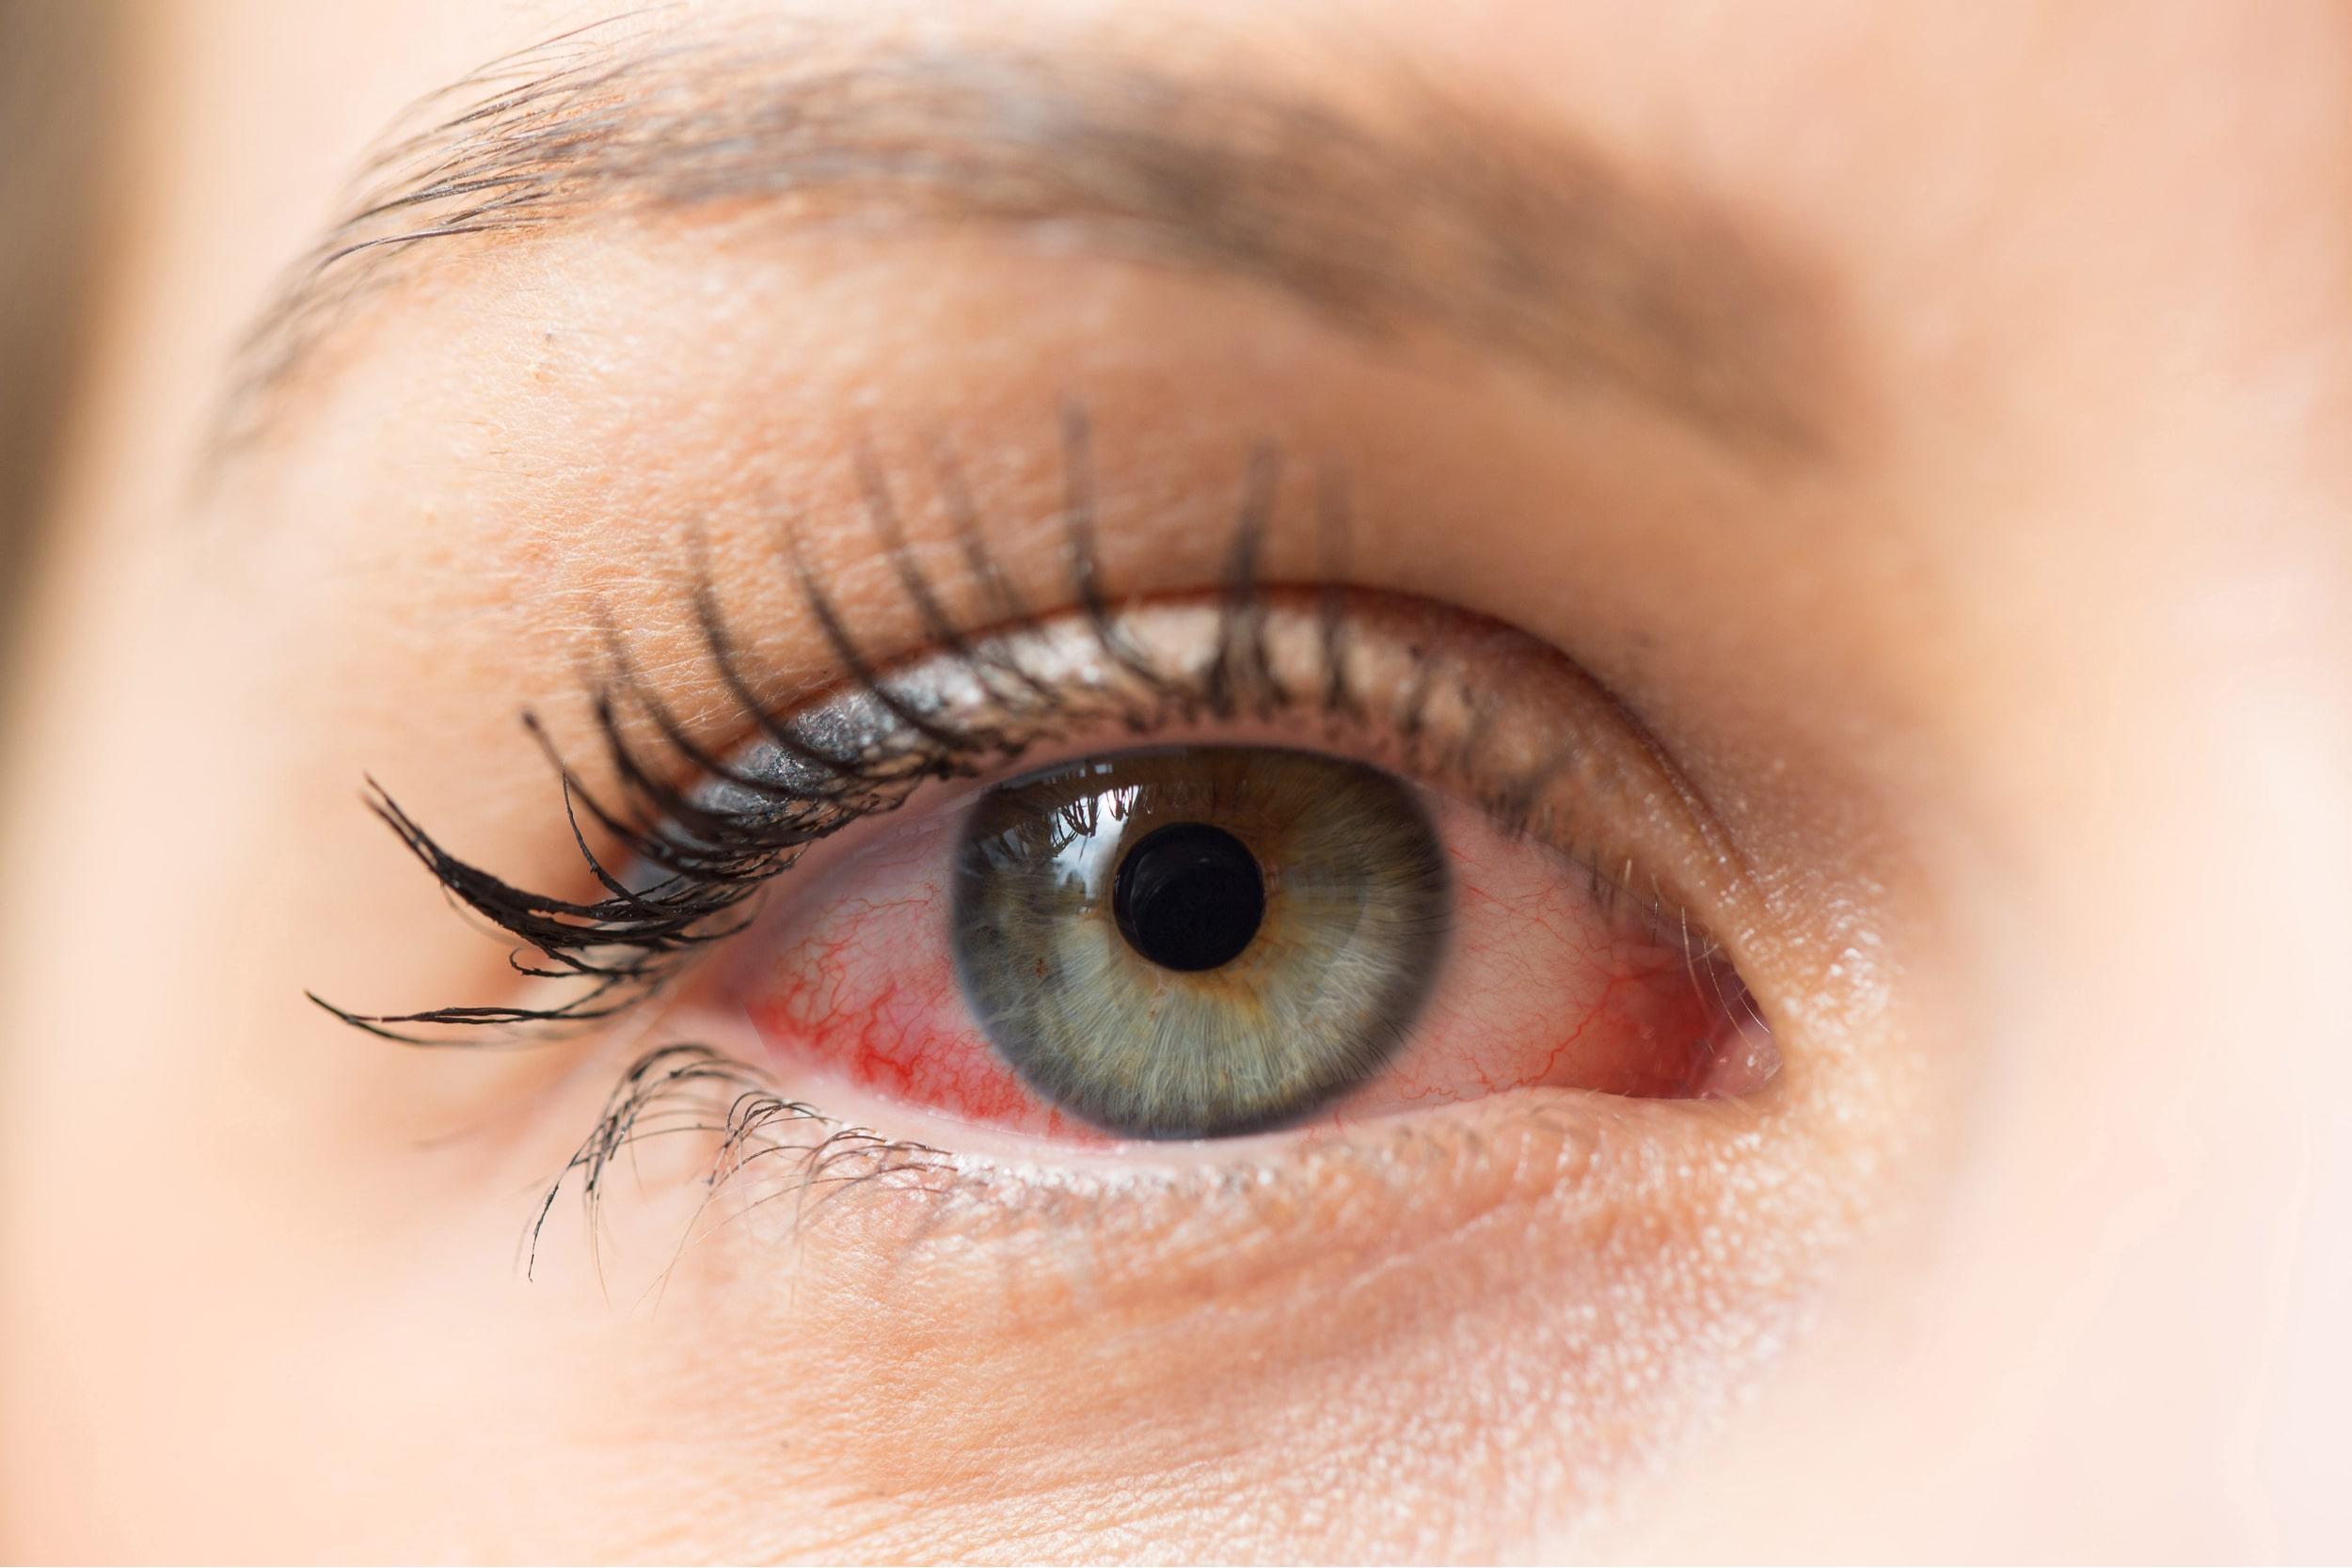 eye allergy